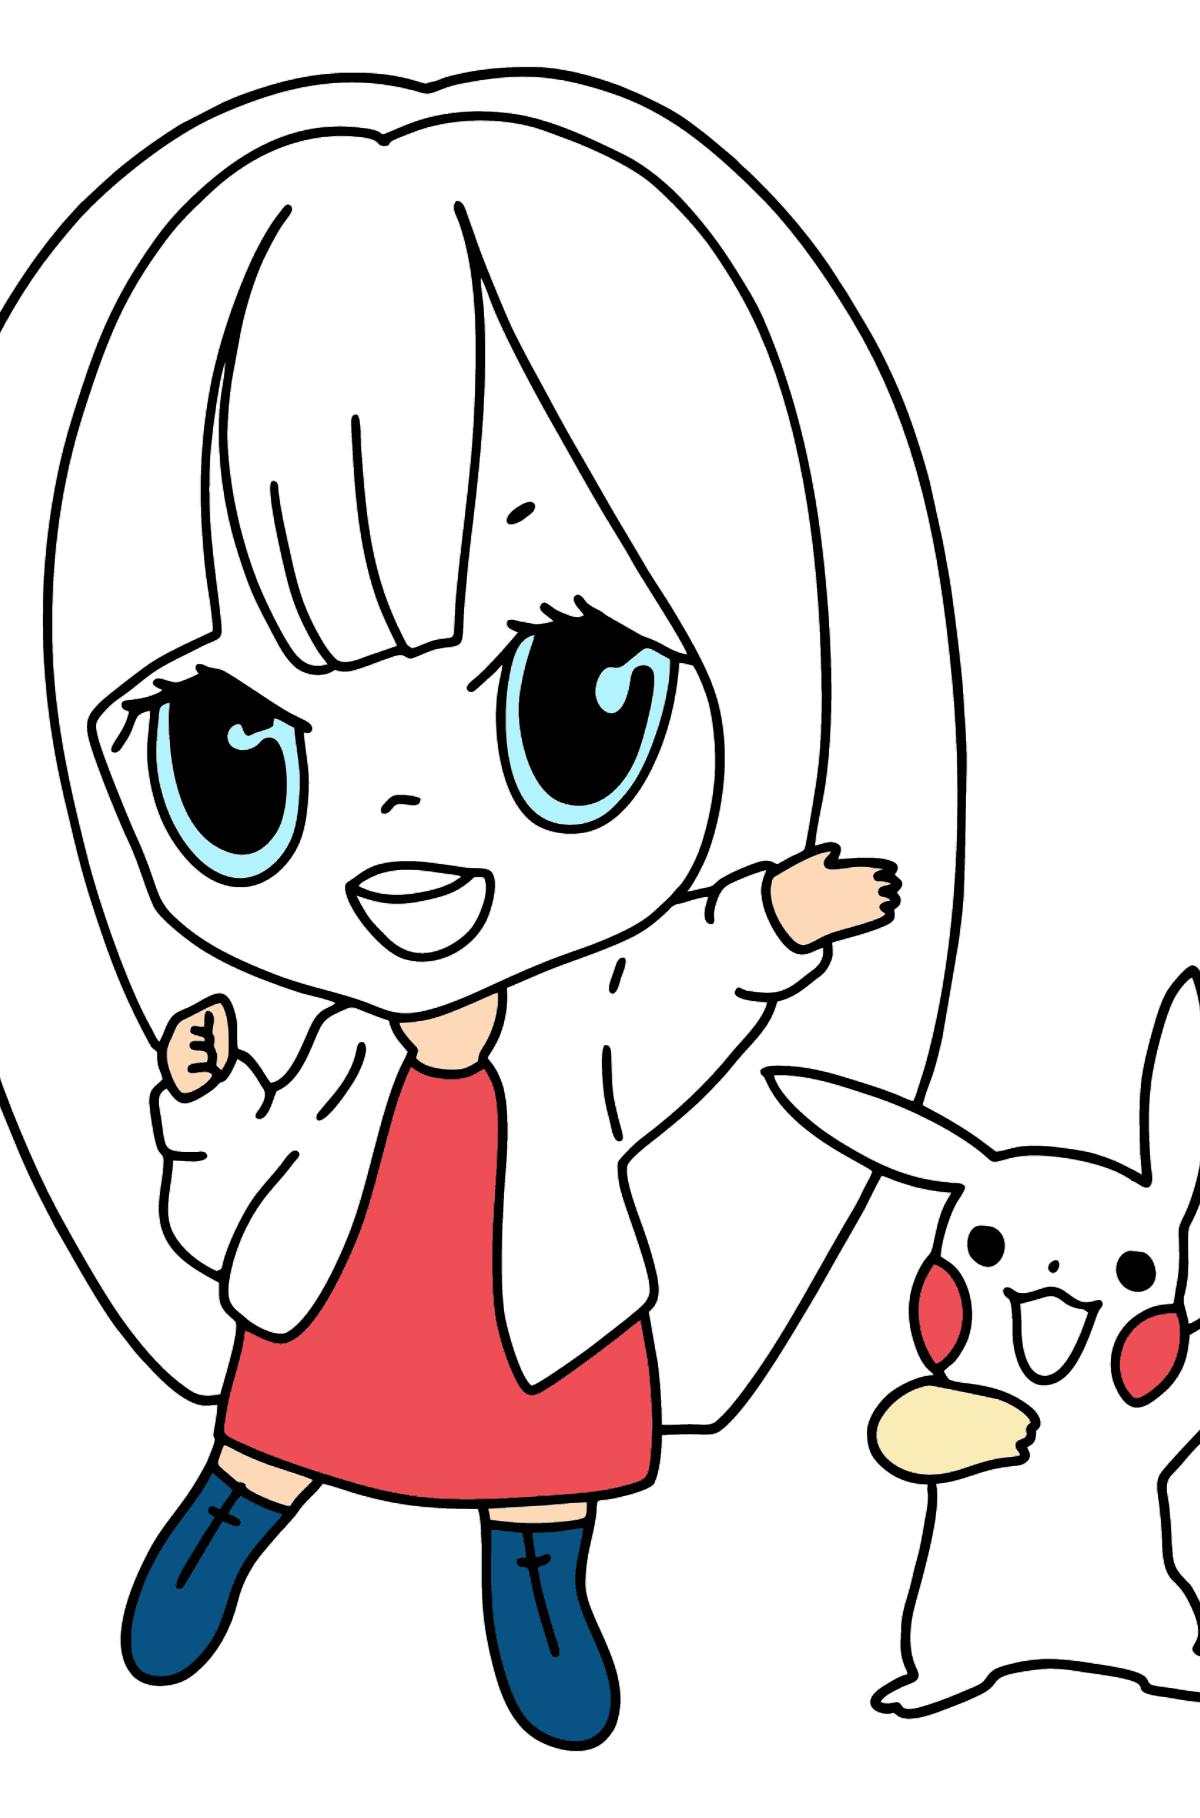 Dibujos para colorear Anime - chica feliz - Dibujos para Colorear para Niños